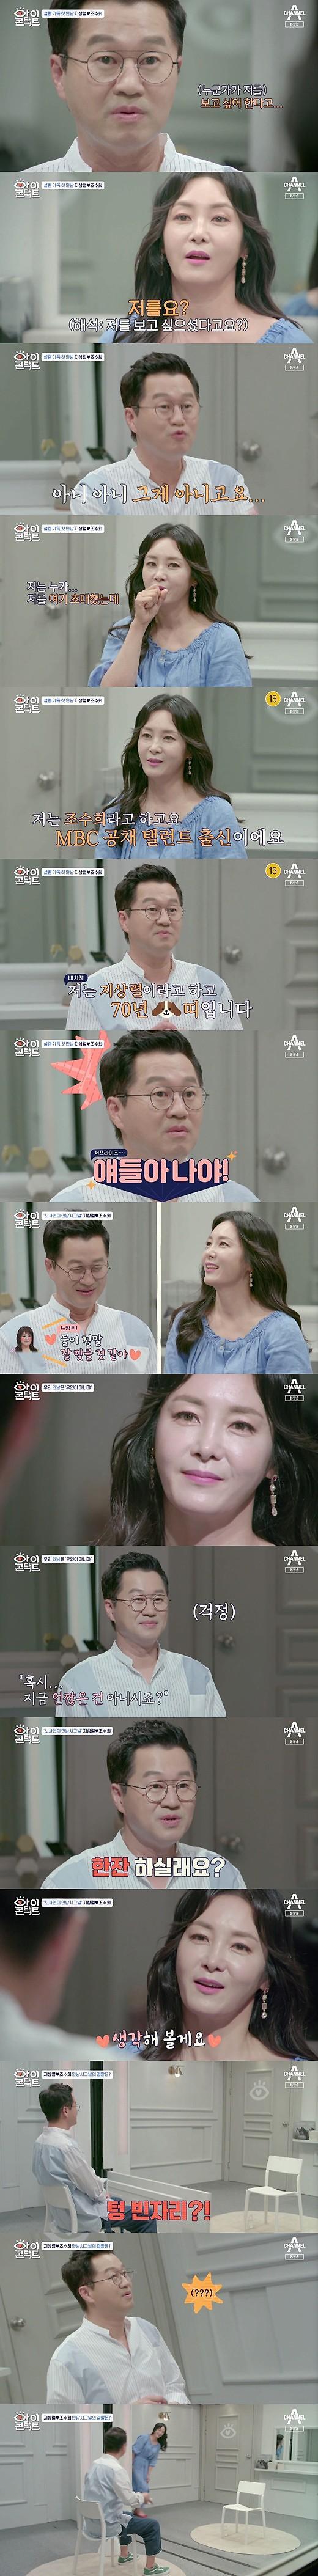 """아이콘택트 지상렬♥조수희 소개팅 성공 """"드디어 장가 가나요?"""""""